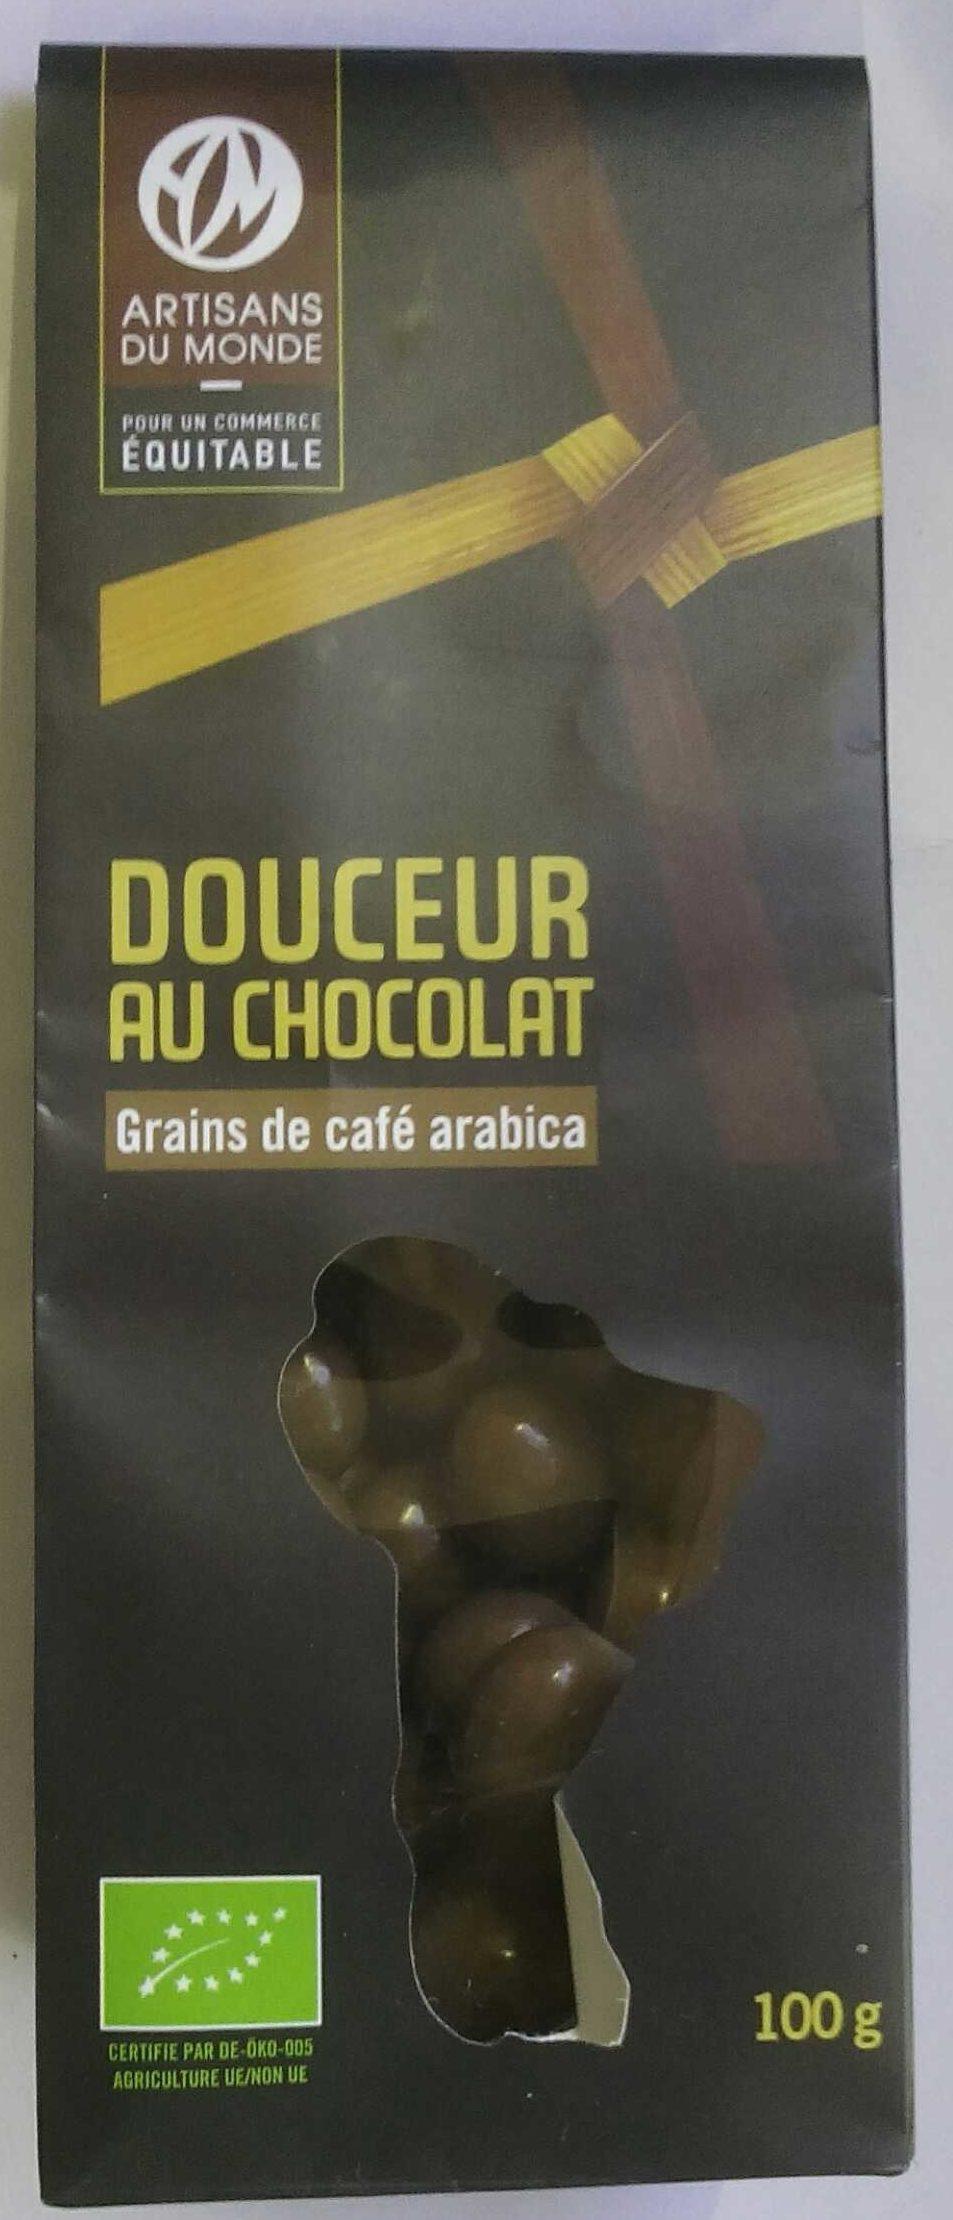 Douceur au chocolat Grains de café arabica - Produit - fr